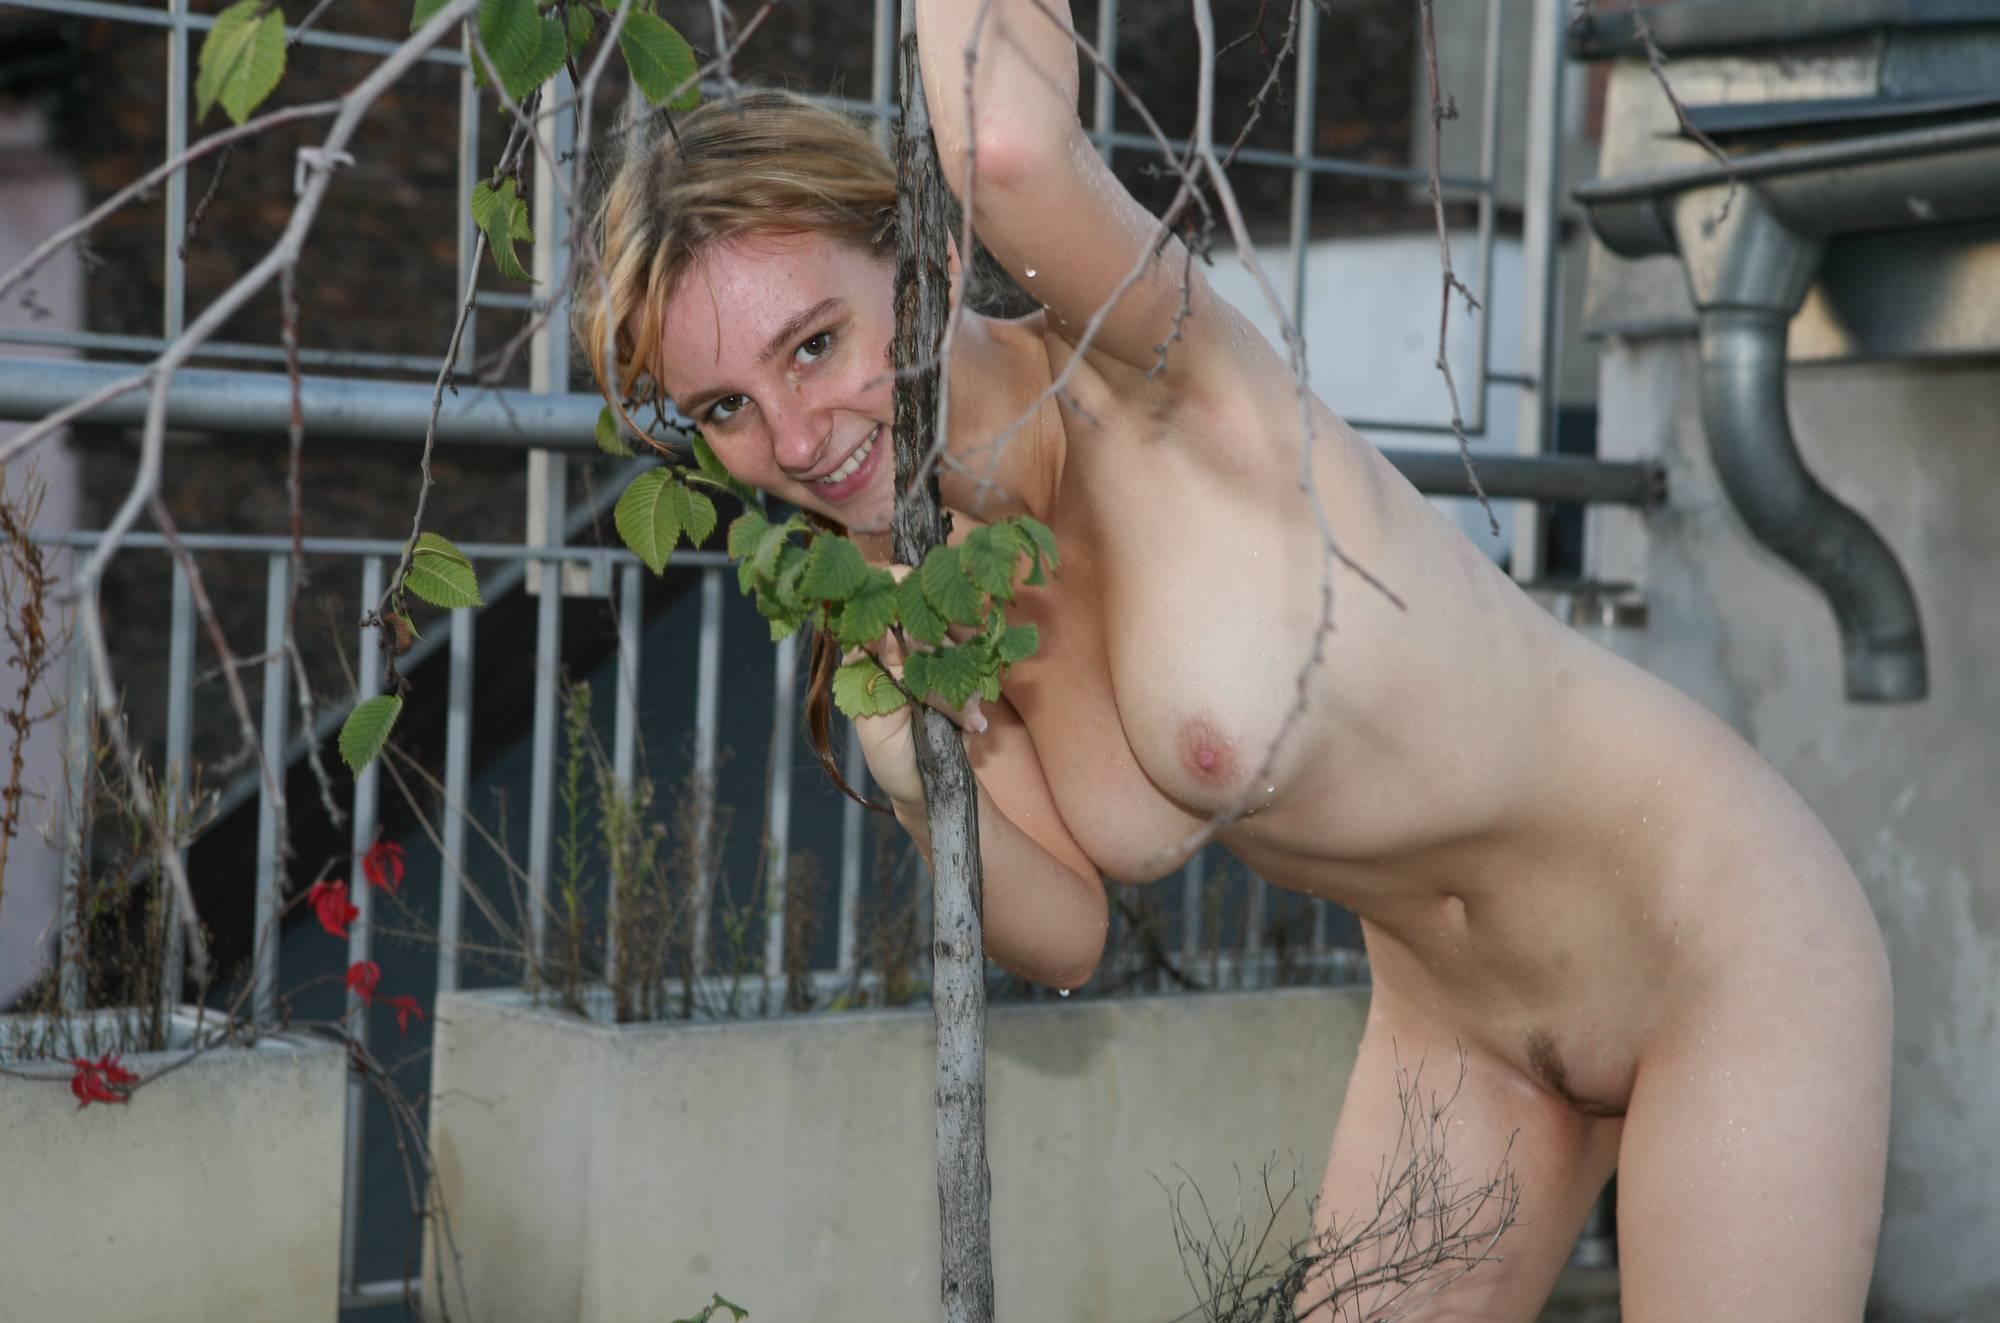 Nudist Pictures Jacuzzi Rooftop Explorers - 2